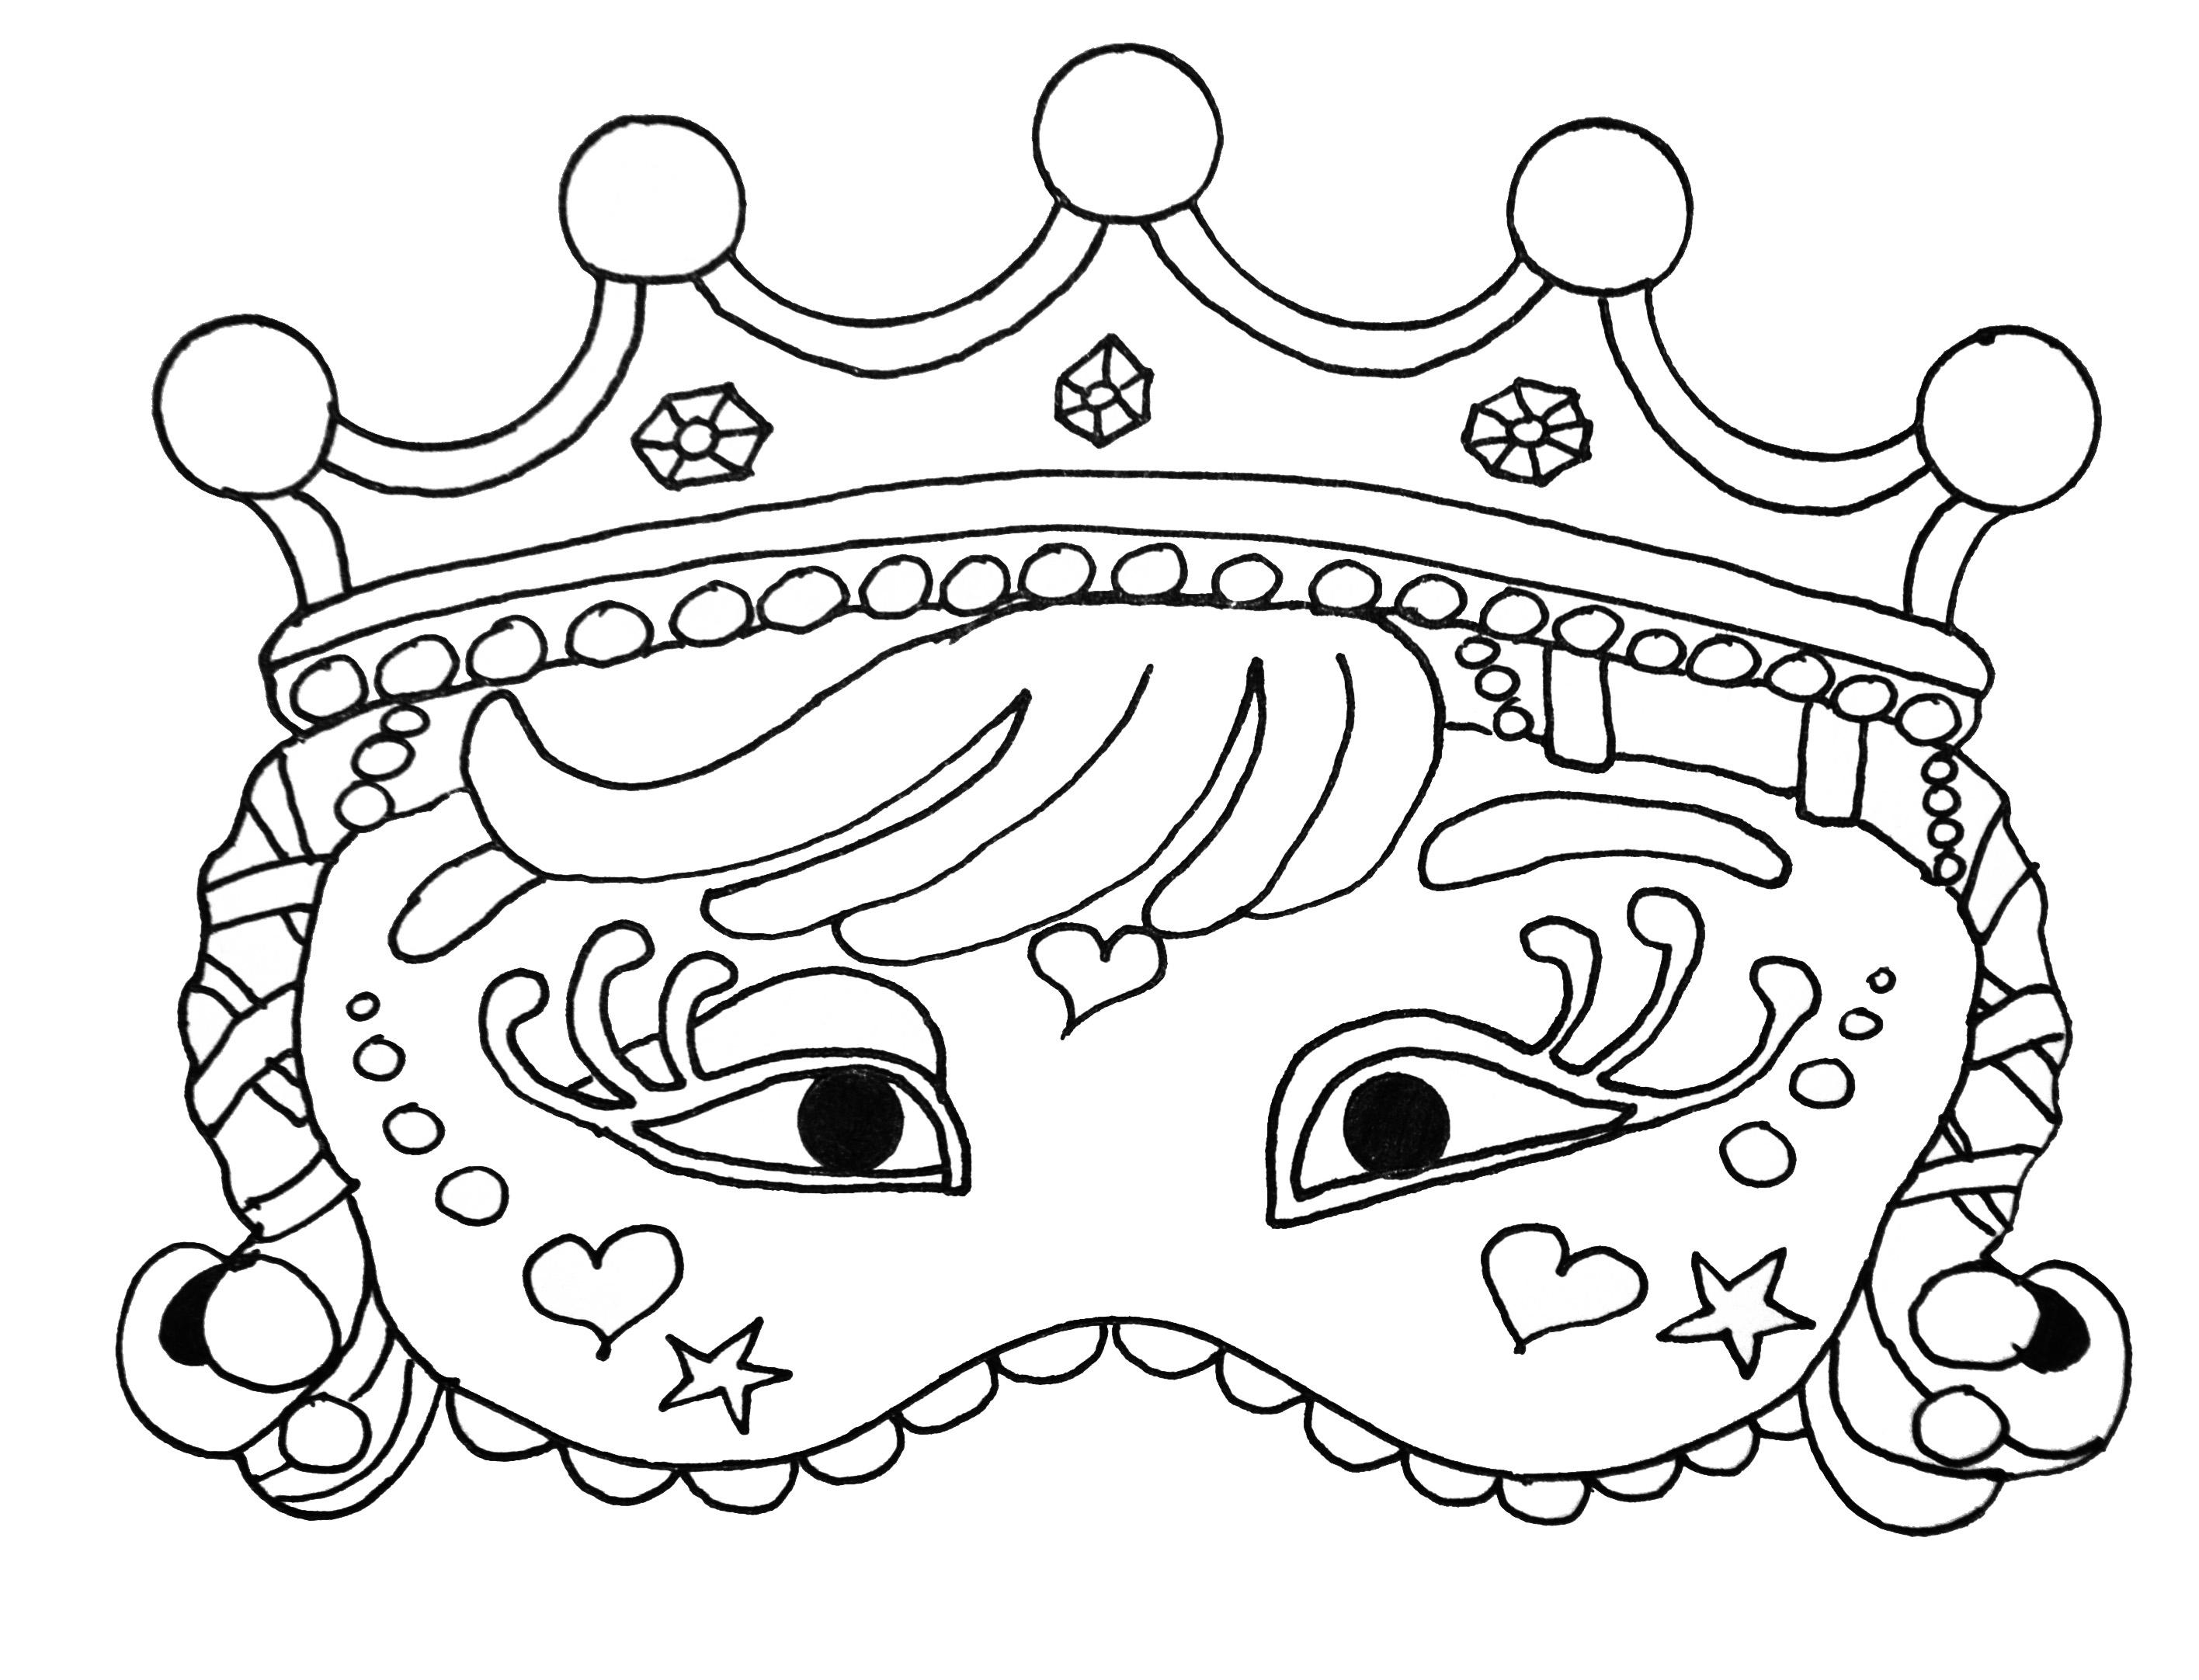 Carnival Mask For Kid 3 - Masks Coloring Pages For Kids To intérieur Dessin Carnaval A Imprimer